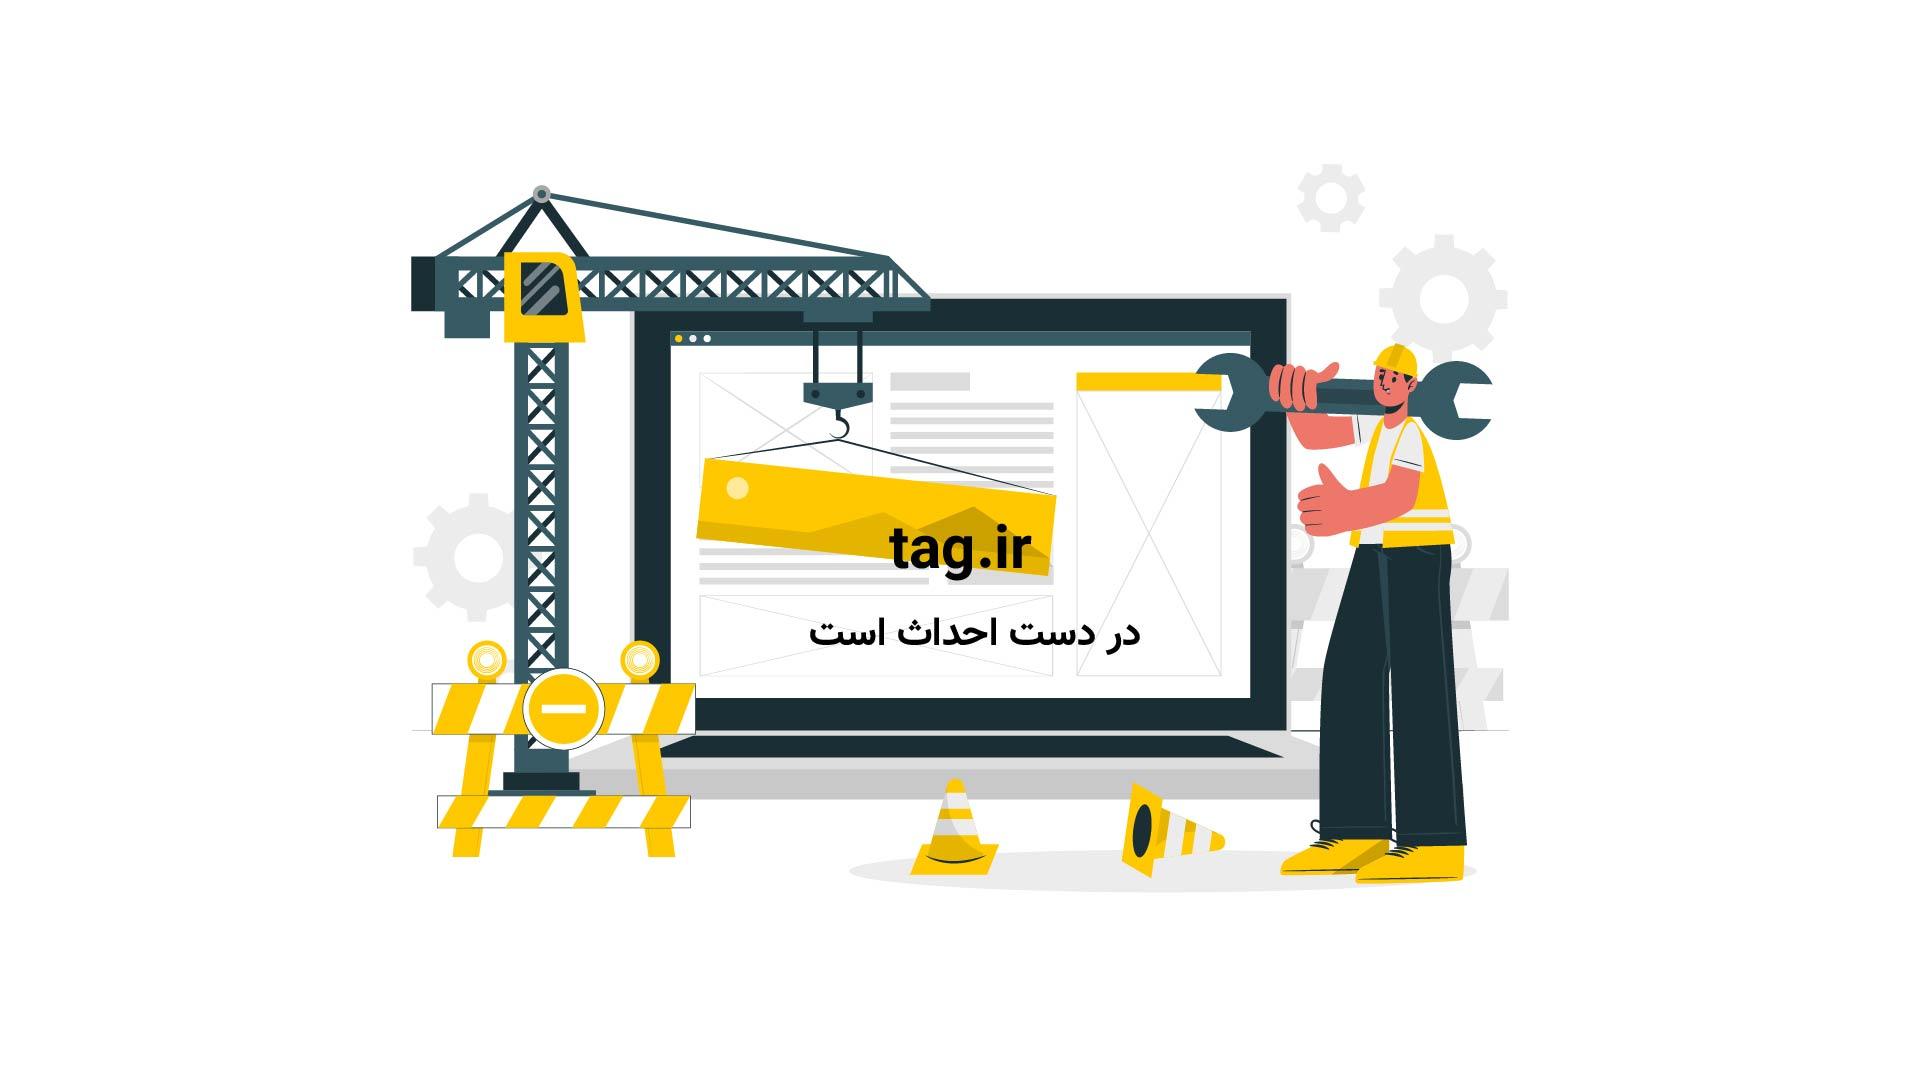 ابرهای پنبه ای | تگ